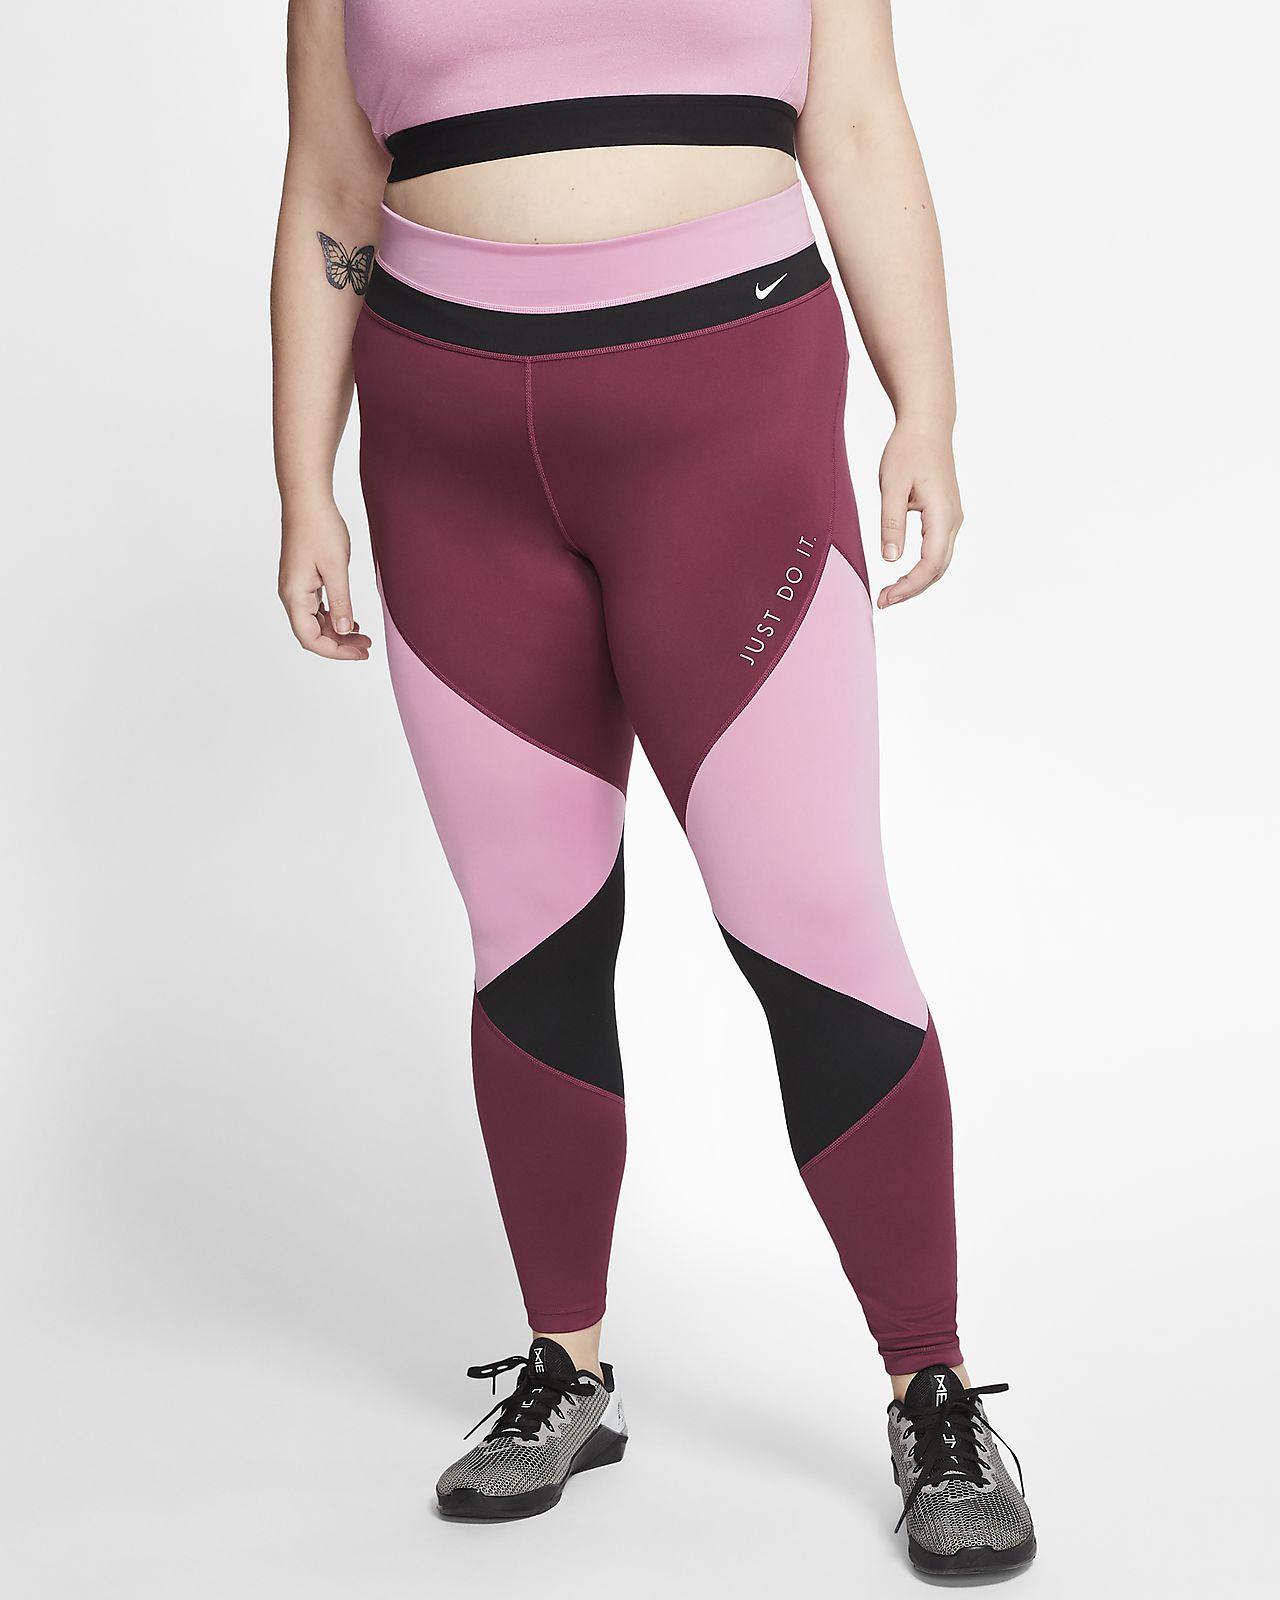 Nike One-tights til kvinder (plusstørrelse)